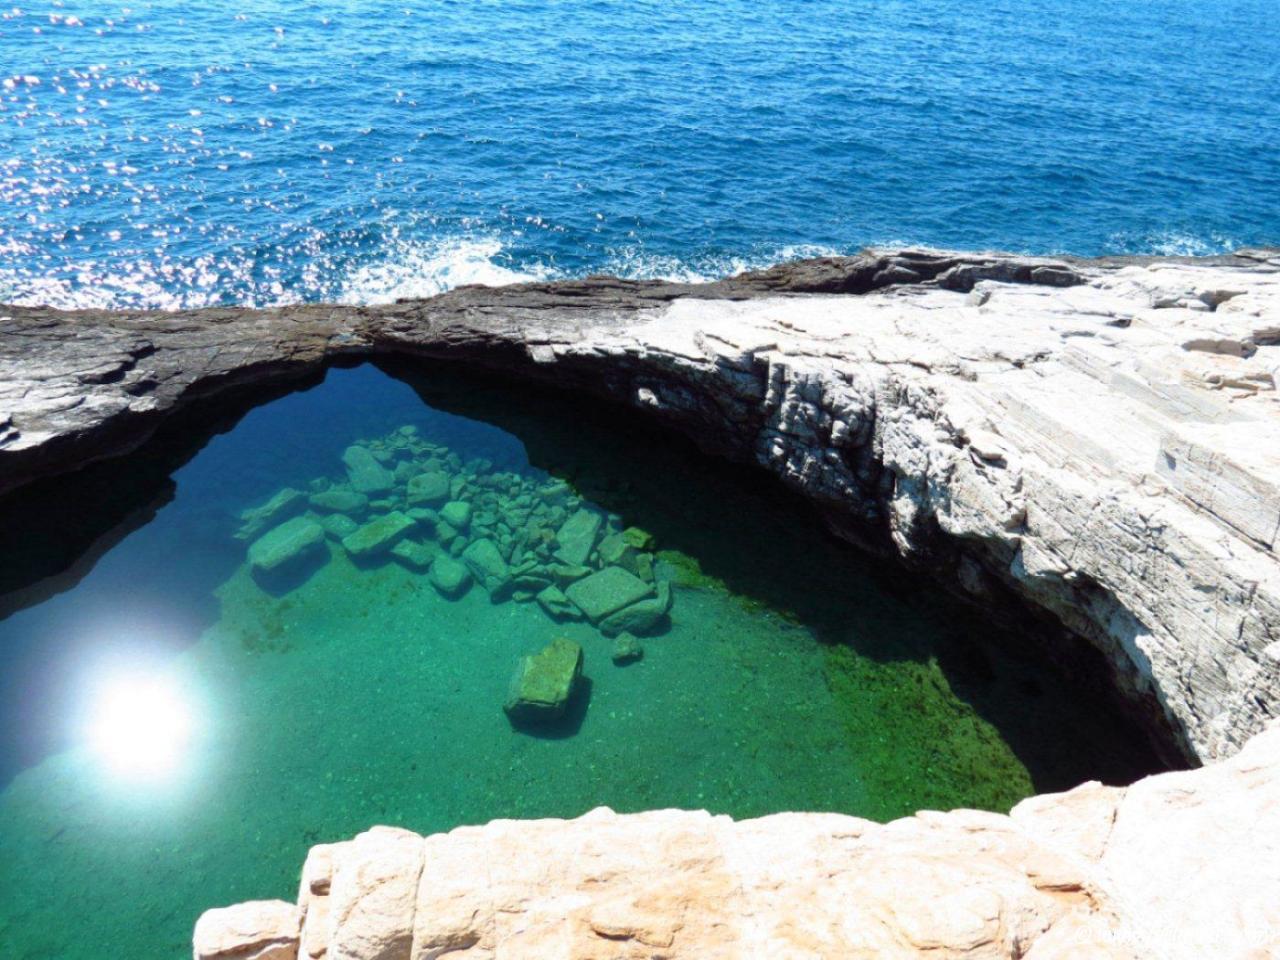 естественные бассейны карибского моря фото вот, вторая